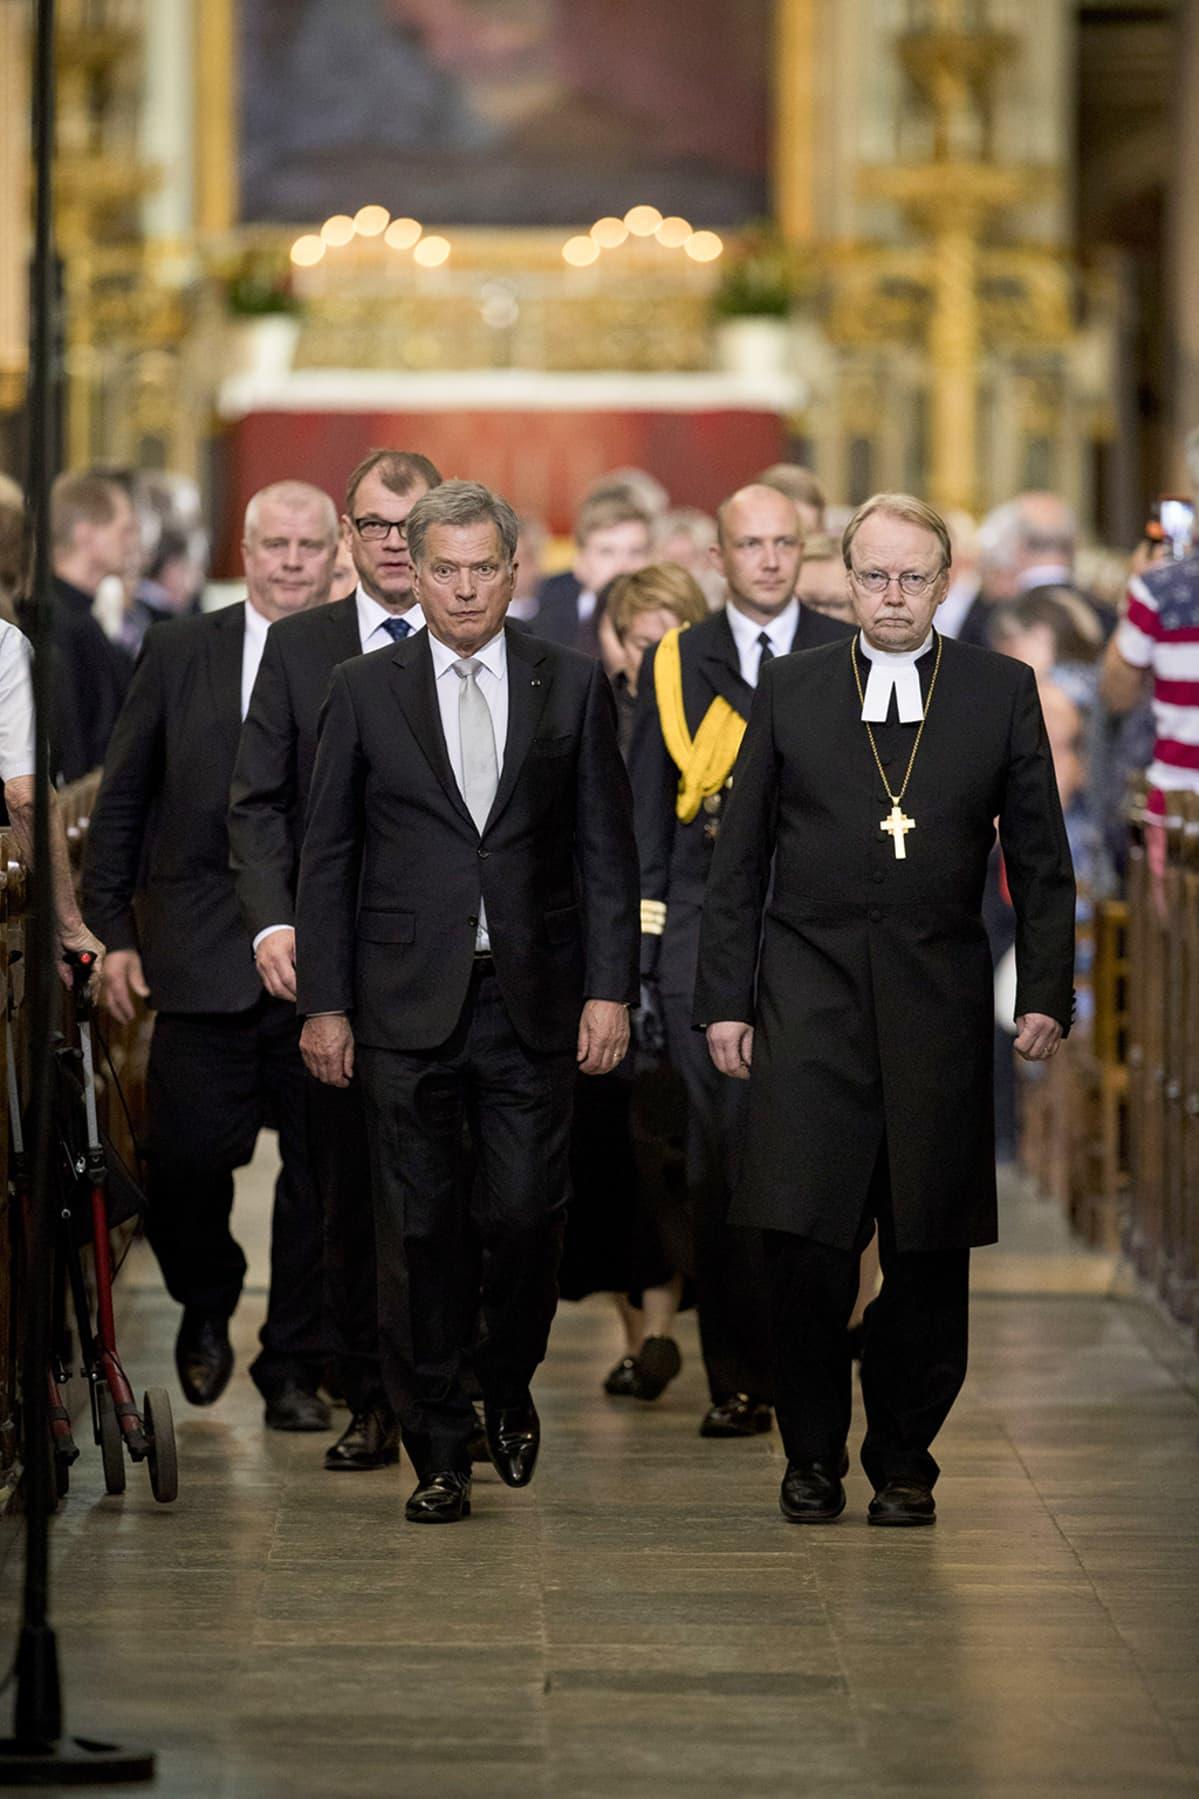 Arkkipiispa Kari Mäkinen johti muistohetkeä Turun tuomiokirkossa 20. toukokuuta